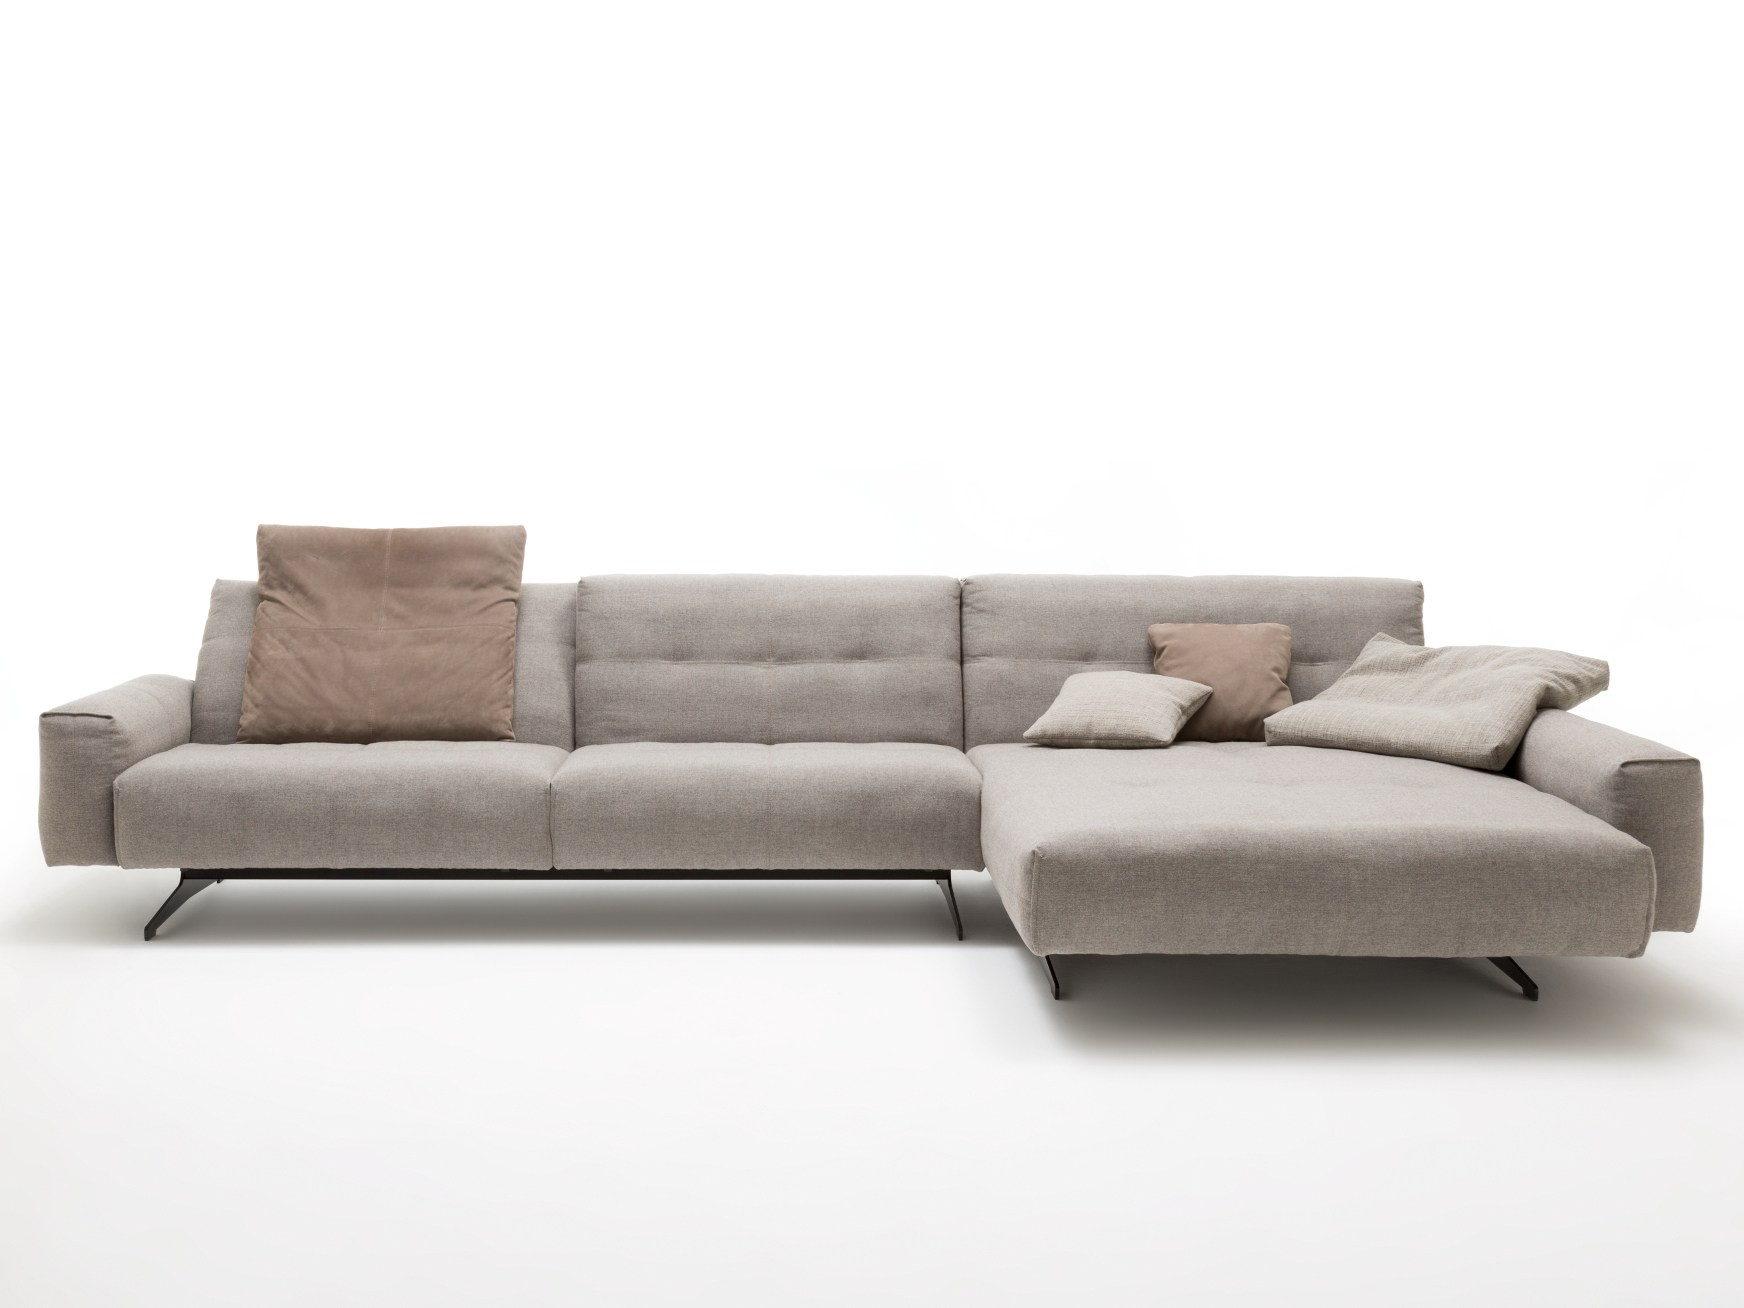 Full Size of Benz Sofa Impressive Comfortable Rolf For Design By 3 Sitzer Big L Form Arten Elektrisch Kissen überzug U Xxl In Mit Verstellbarer Sitztiefe Sam Grün Bezug Sofa Benz Sofa